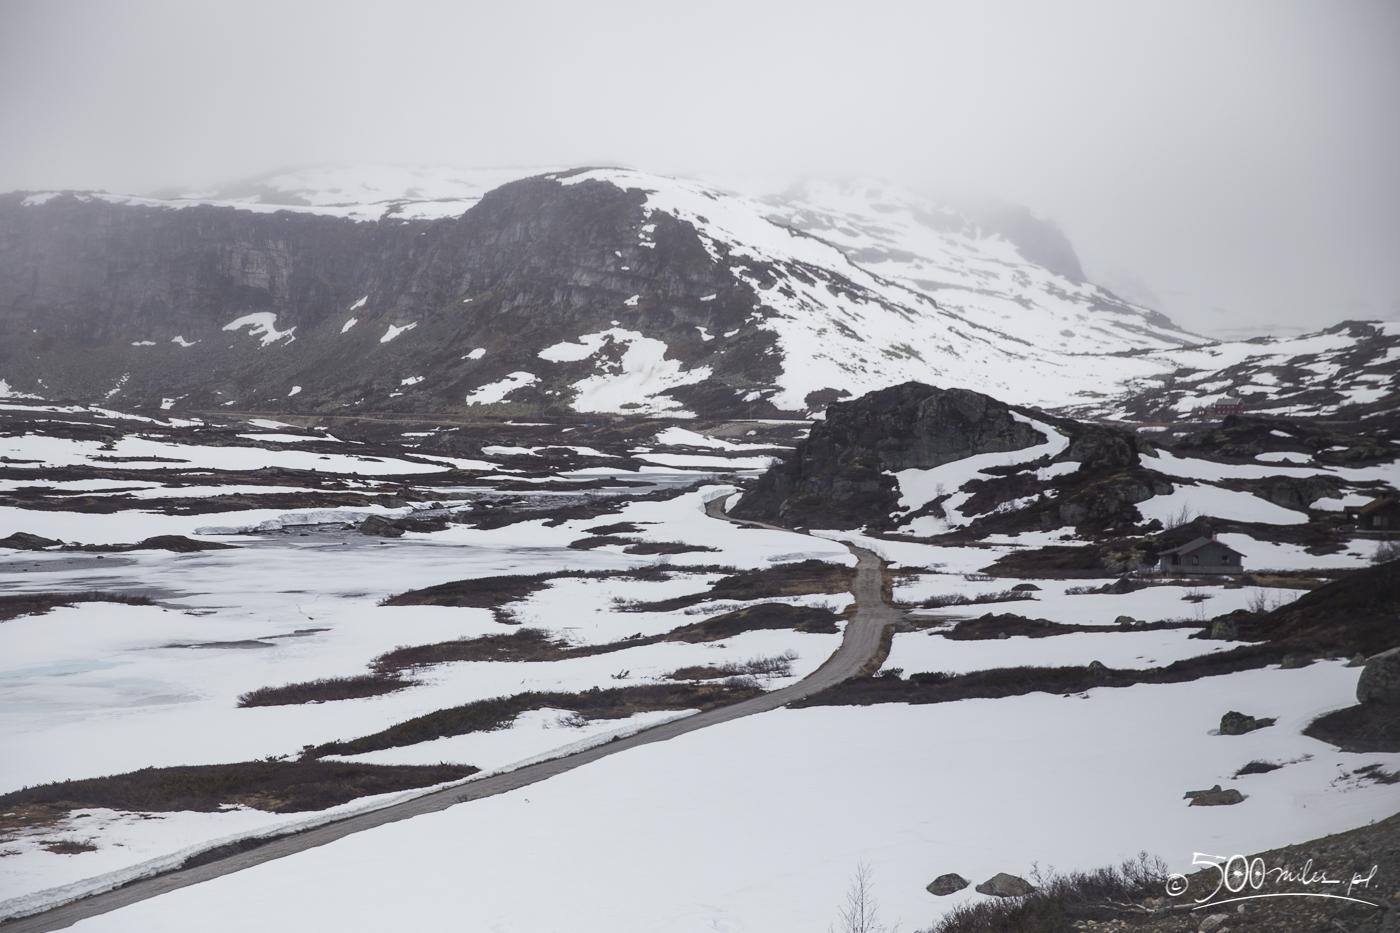 Oslo-Bergen train ride snowy view